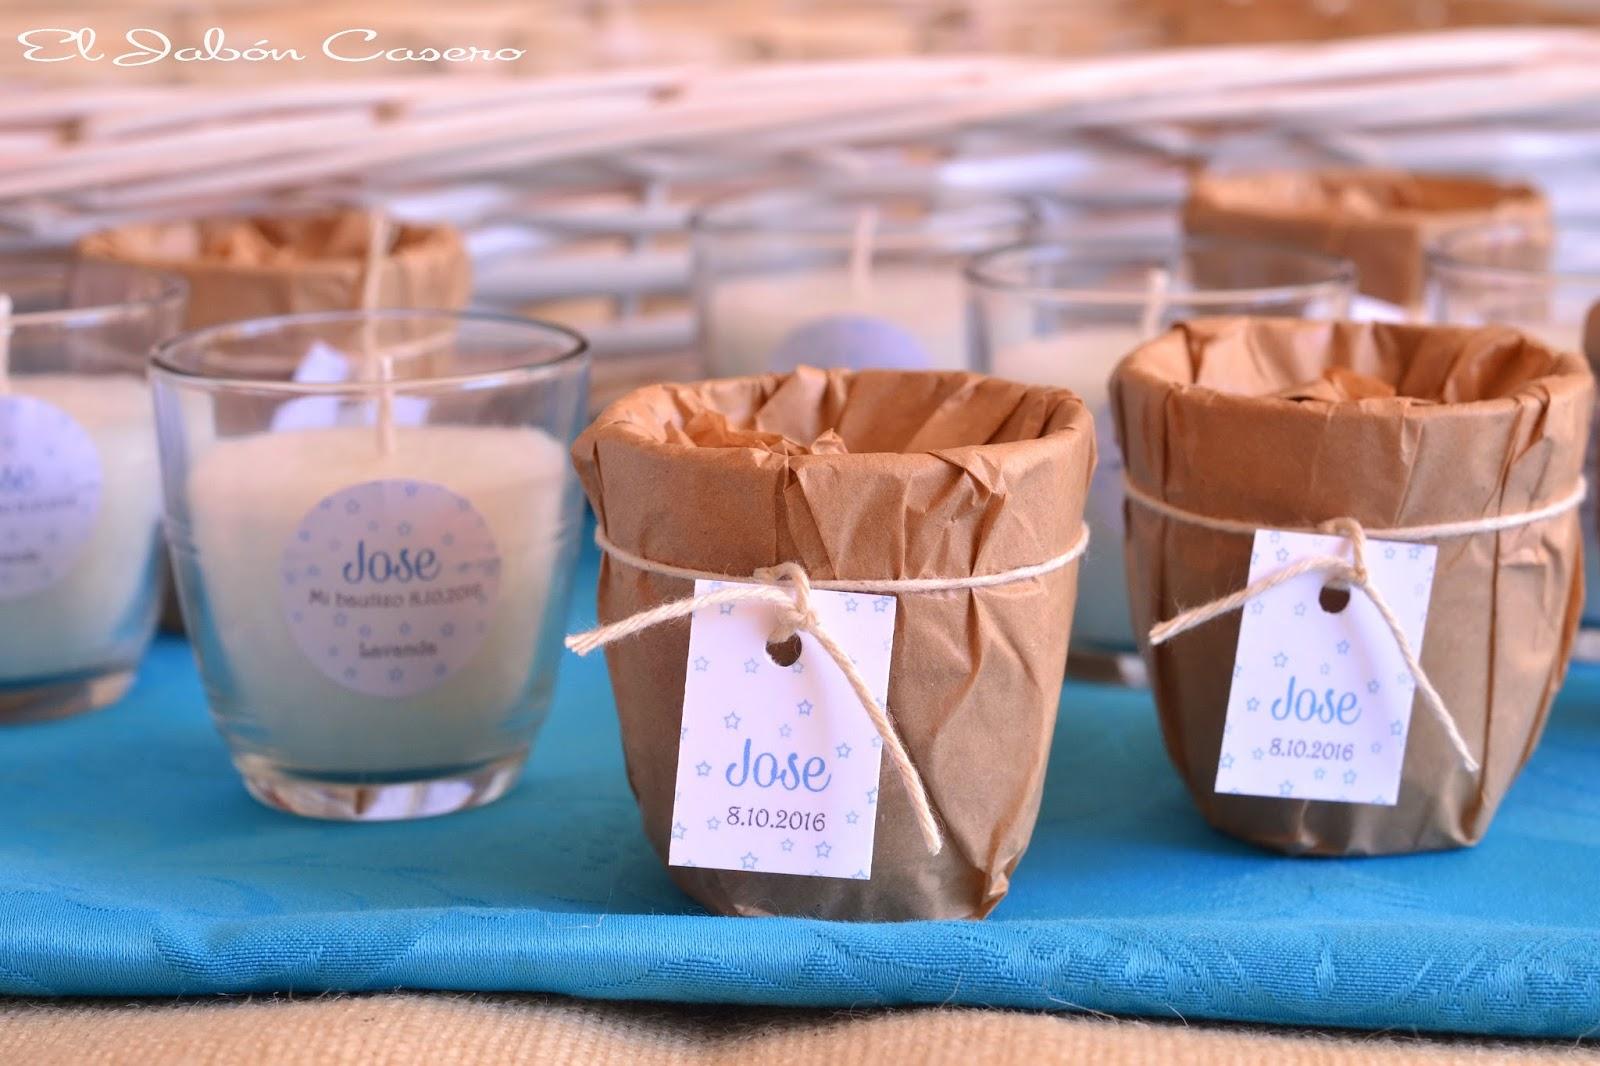 El jab n casero velas arom ticas personalizadas para - Etiquetas para velas ...